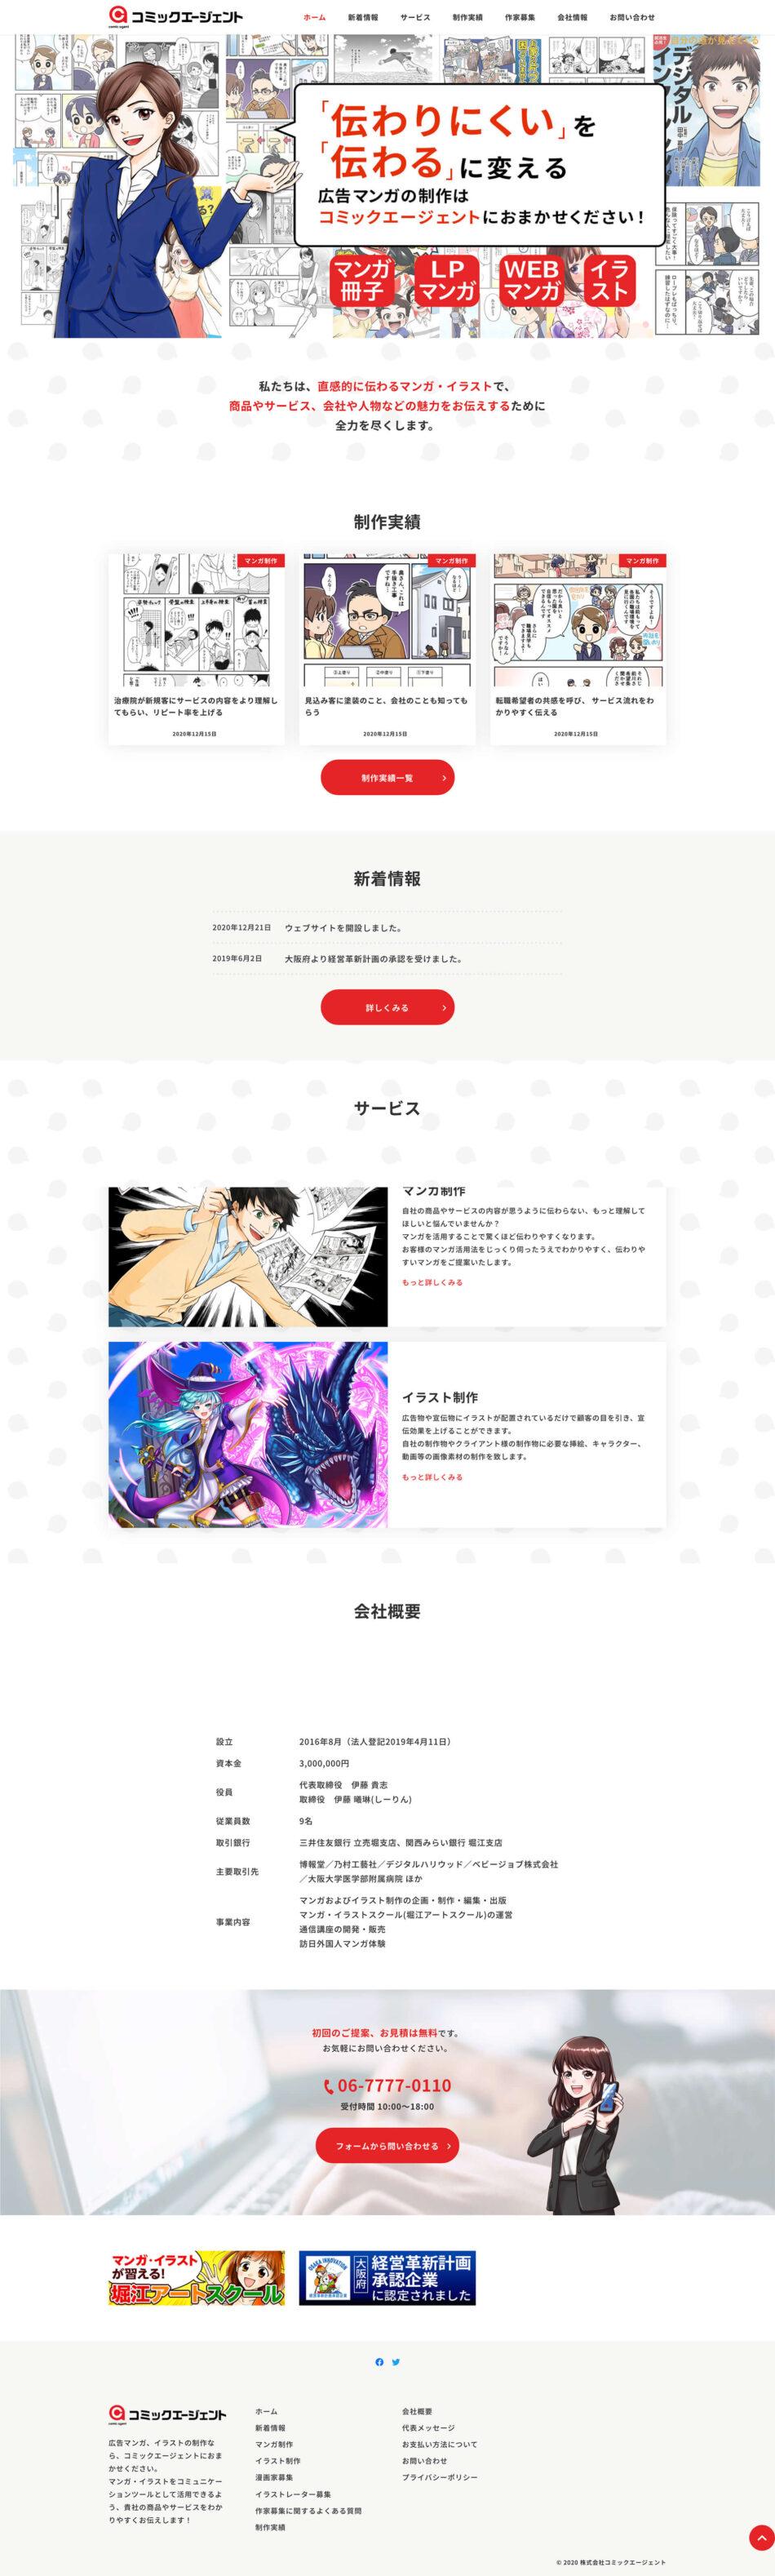 株式会社コミックエージェント|ウェブサイトPCイメージ